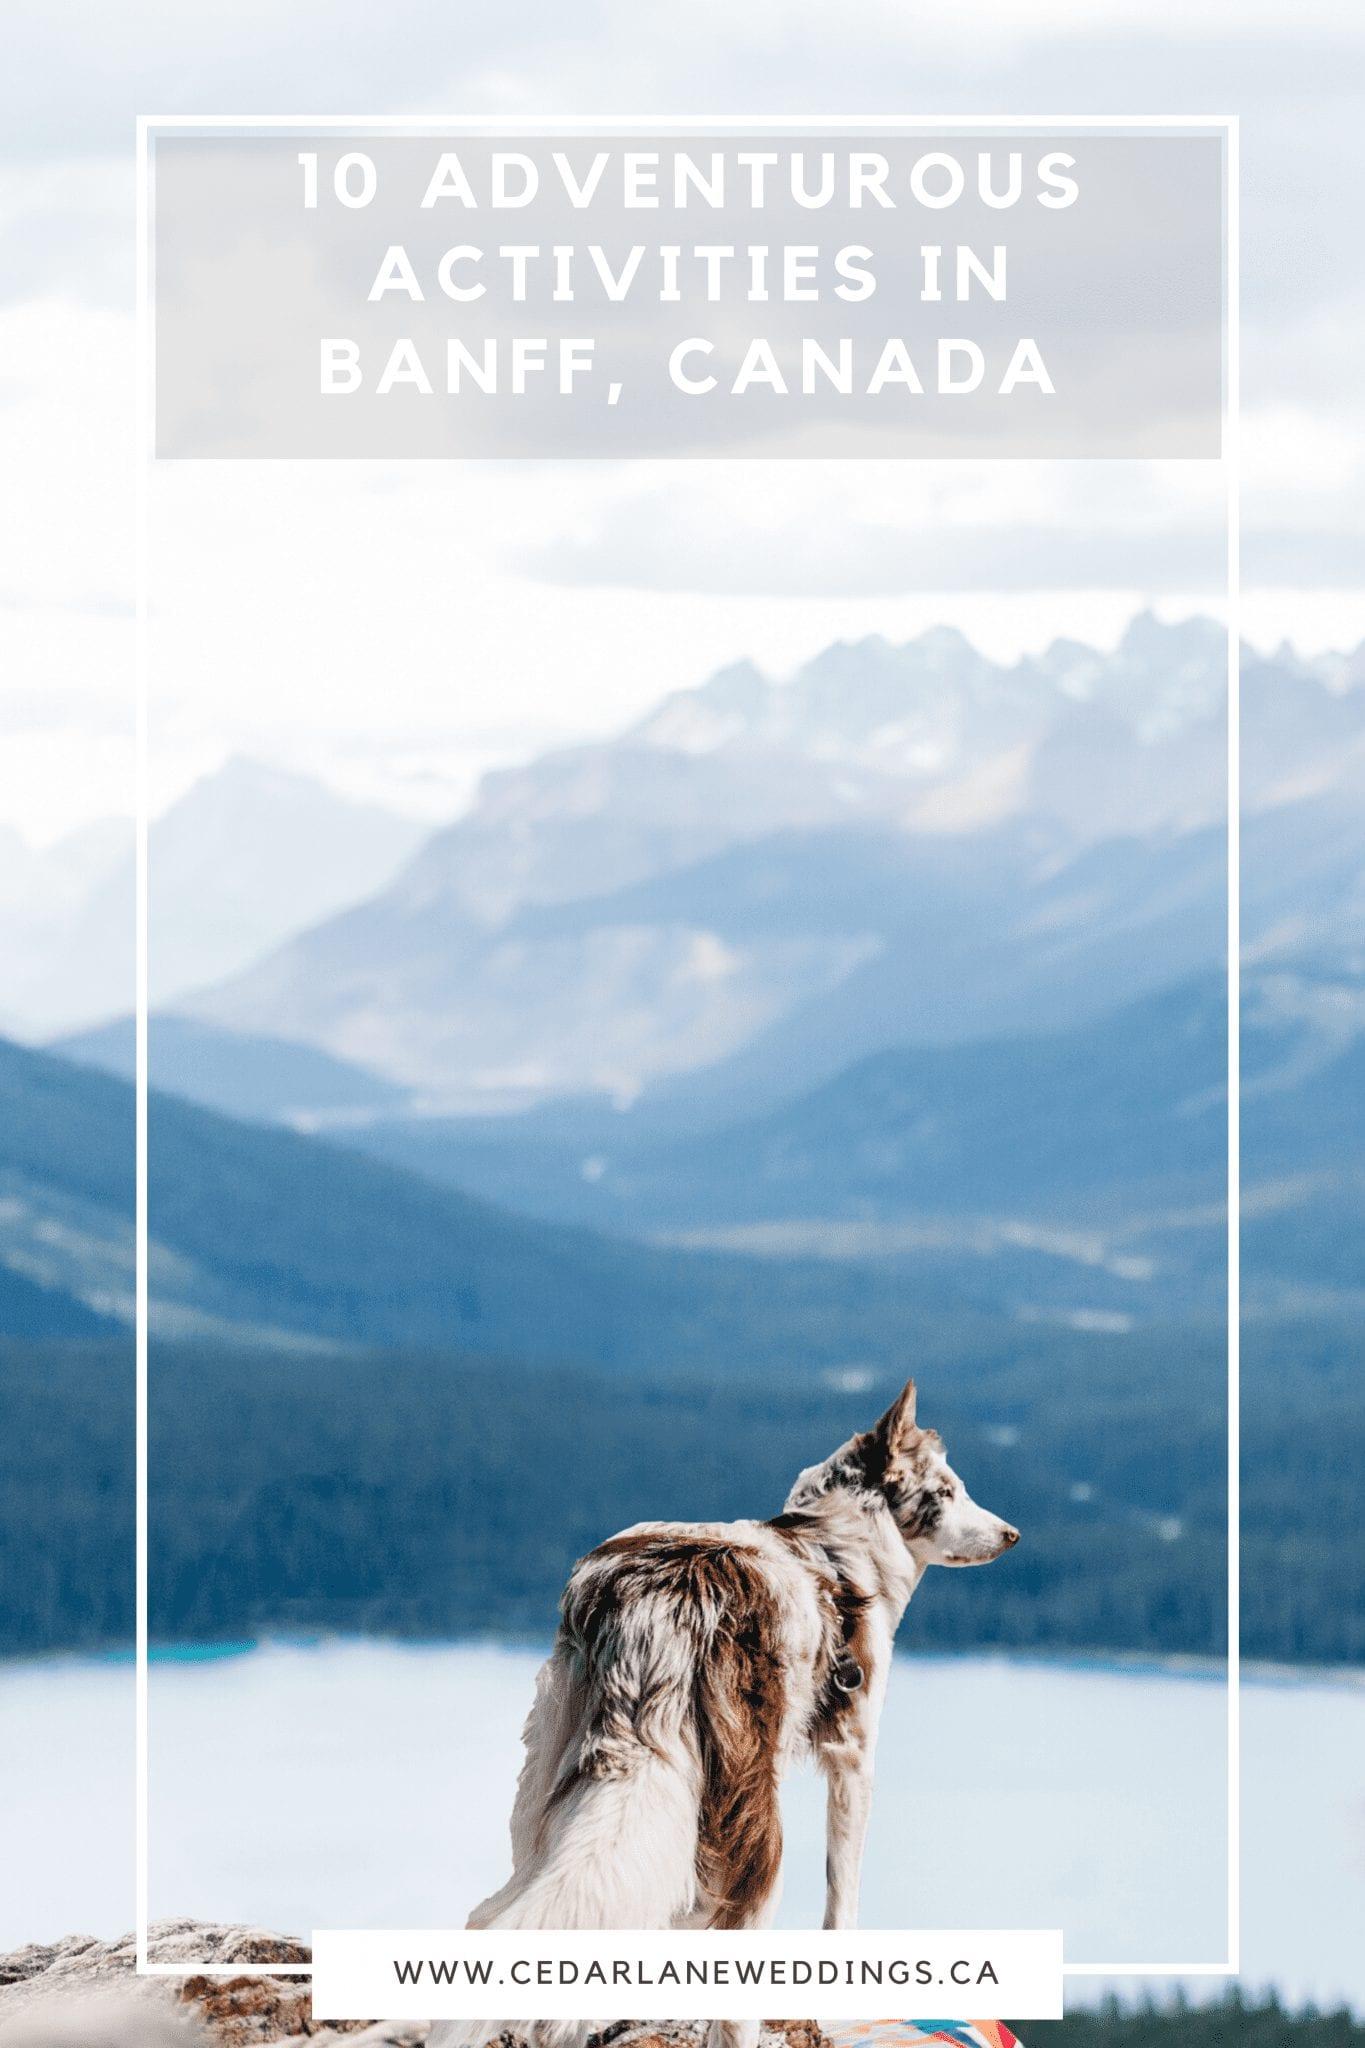 10 Adventurous Activities in Banff, Canada